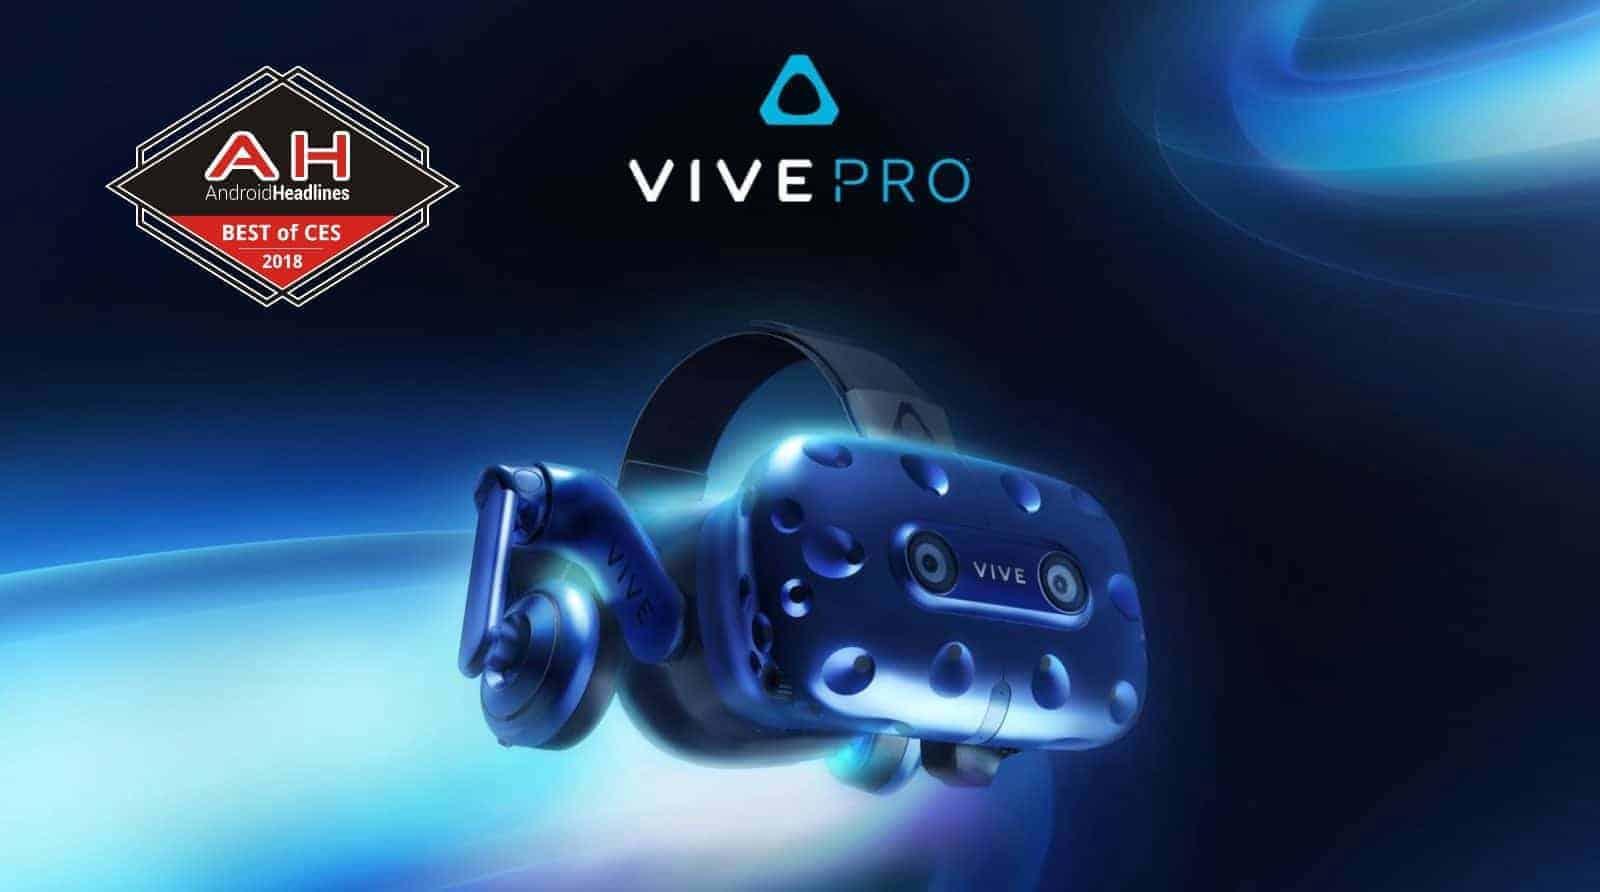 Vive Pro Best Of CES 2018